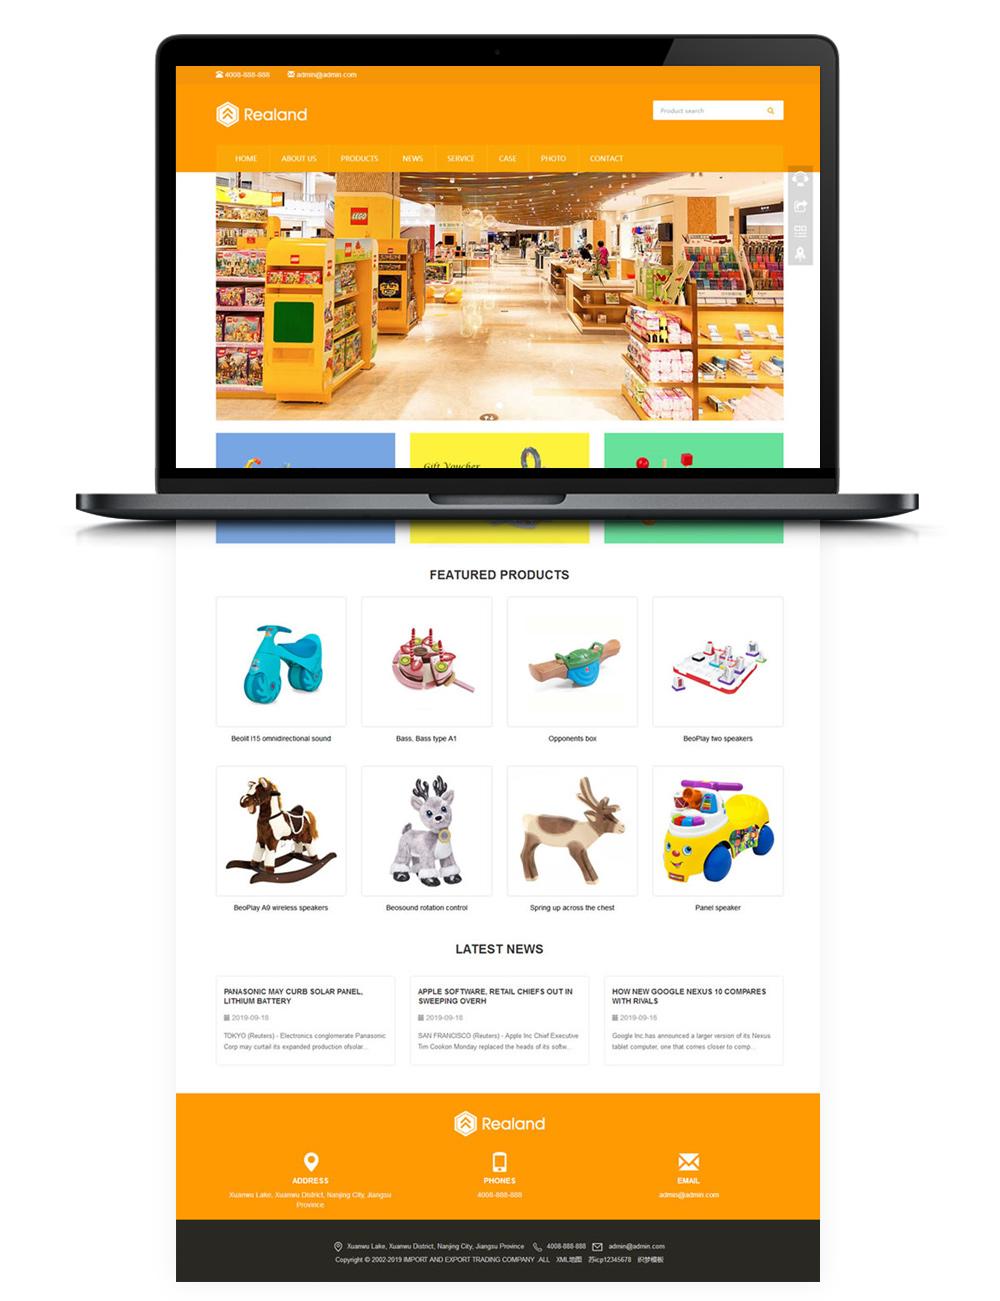 【DEDECMS企业网站】食品百货玩具外贸企业网站模板[自适应手机wap端]-酷网站源码